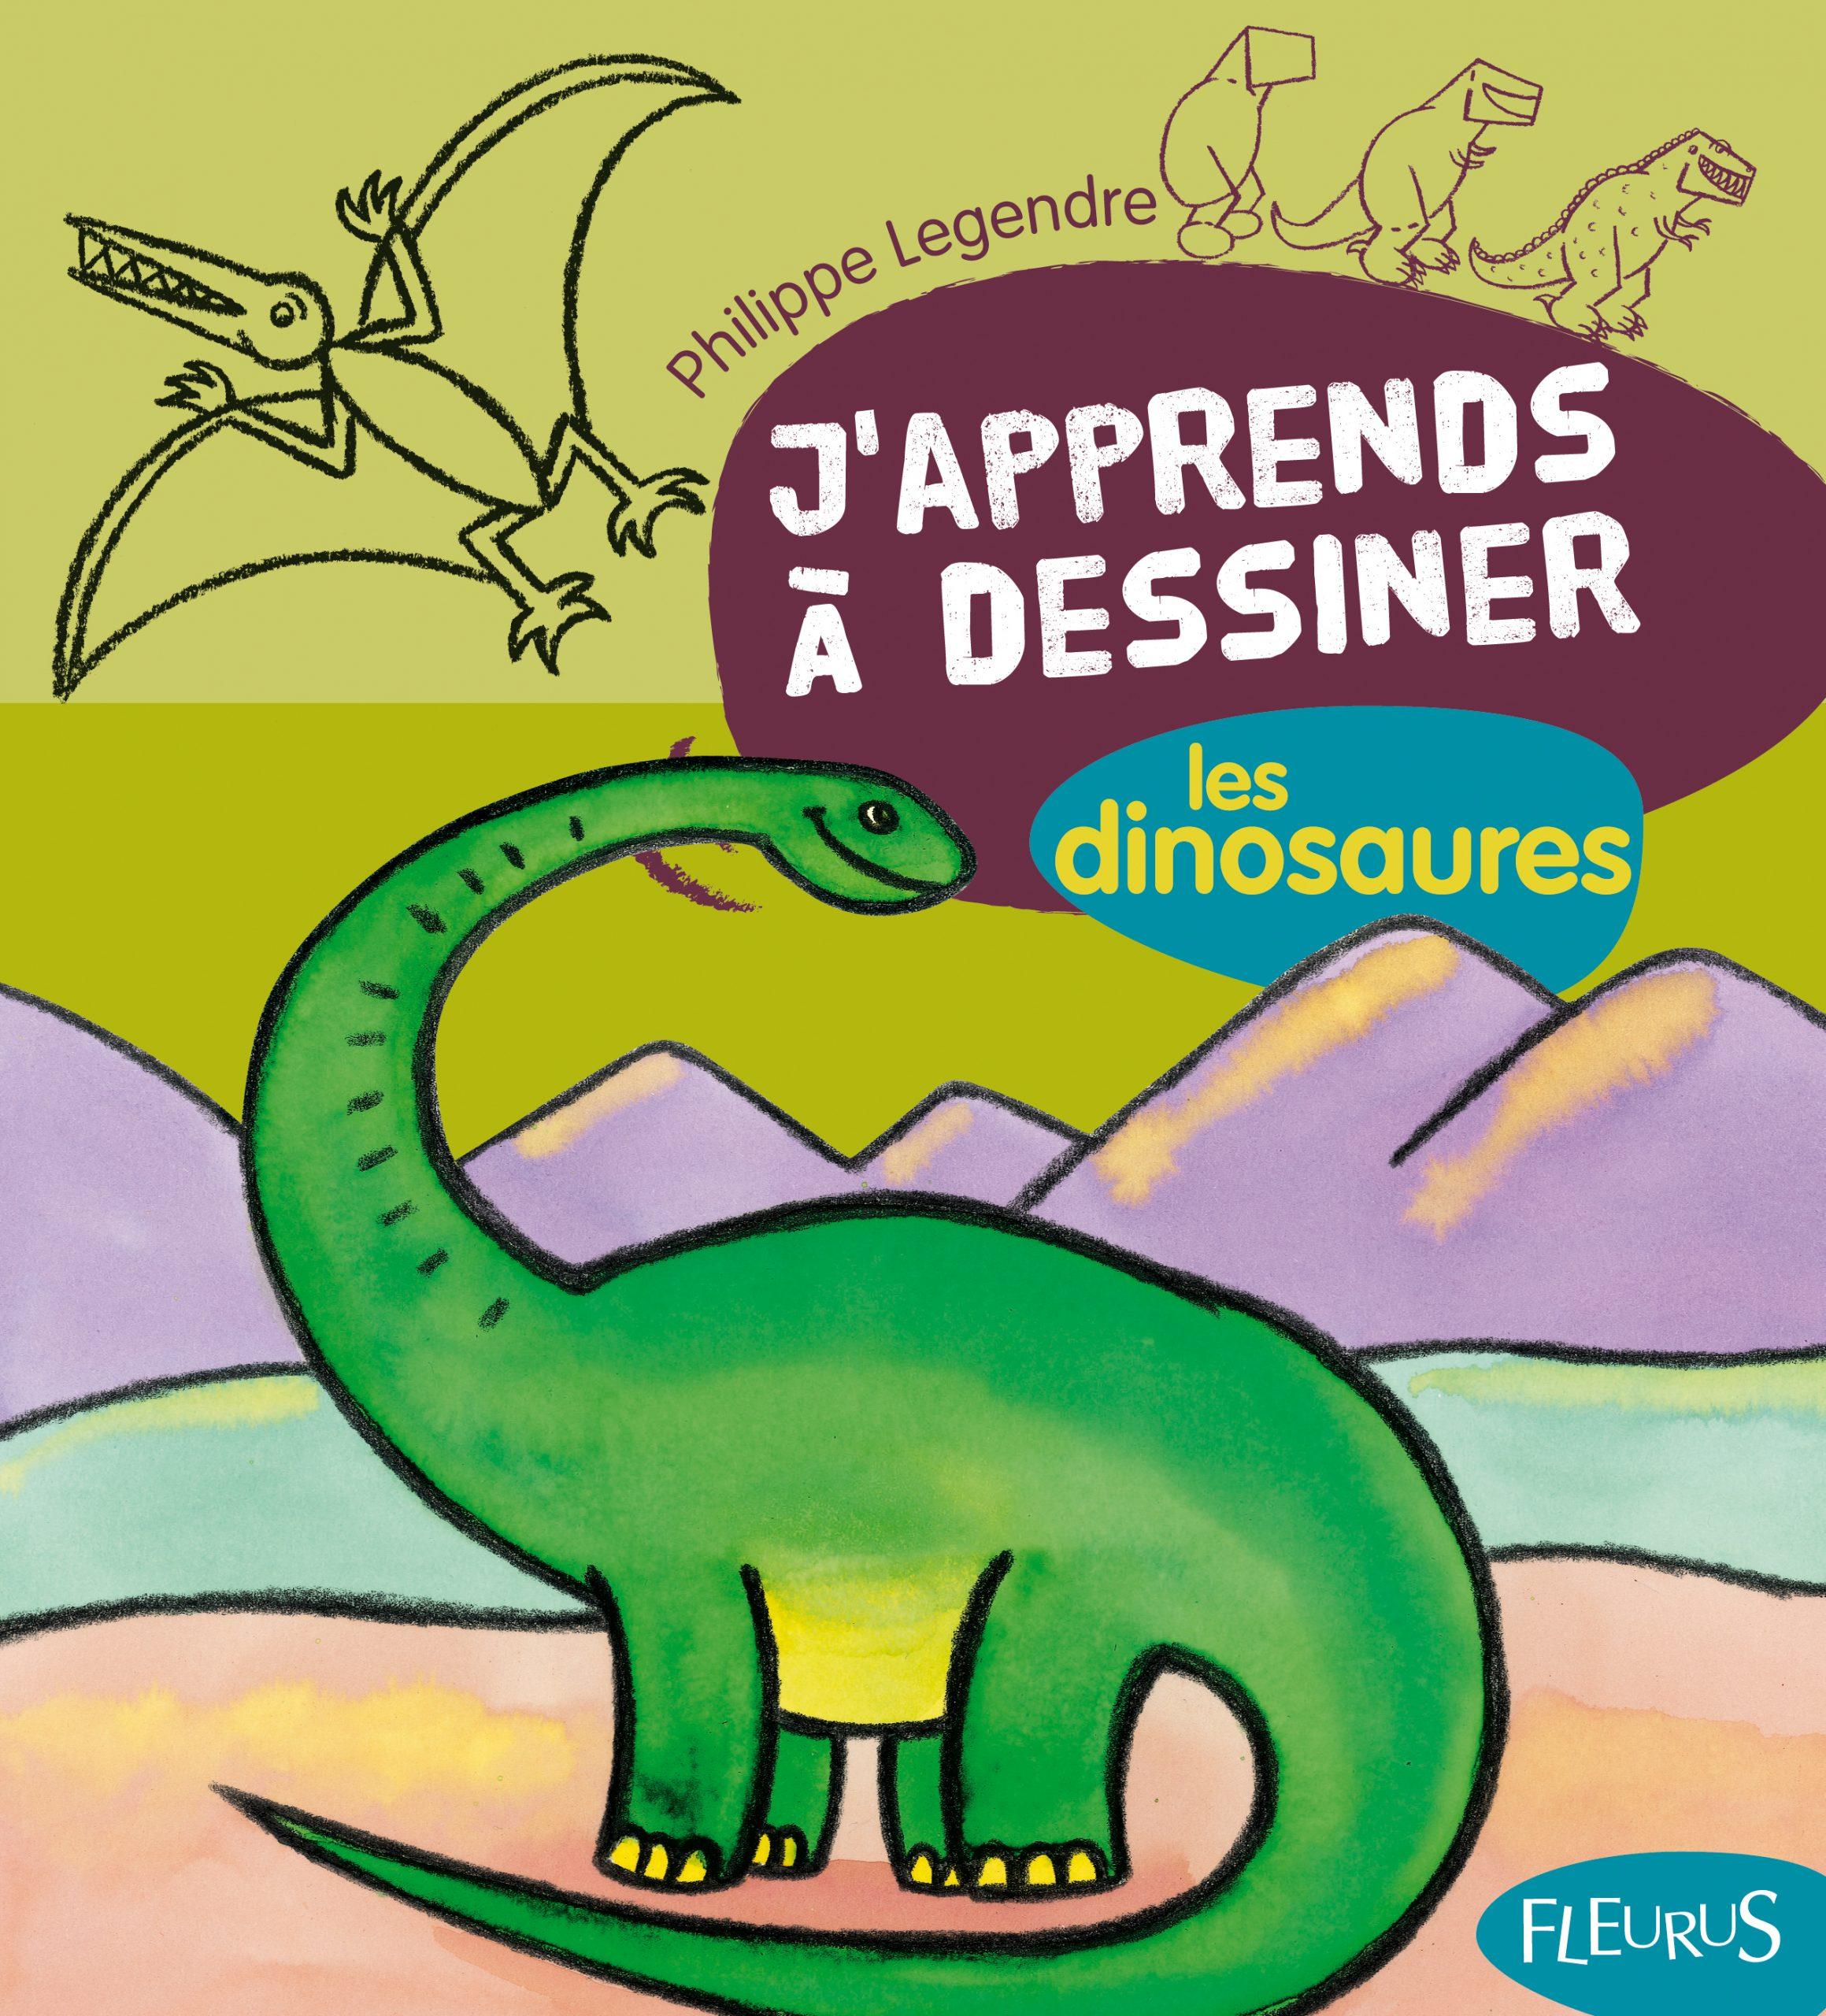 Couvertures, Images Et Illustrations De J'apprends À serapportantà J Apprend À Dessiner